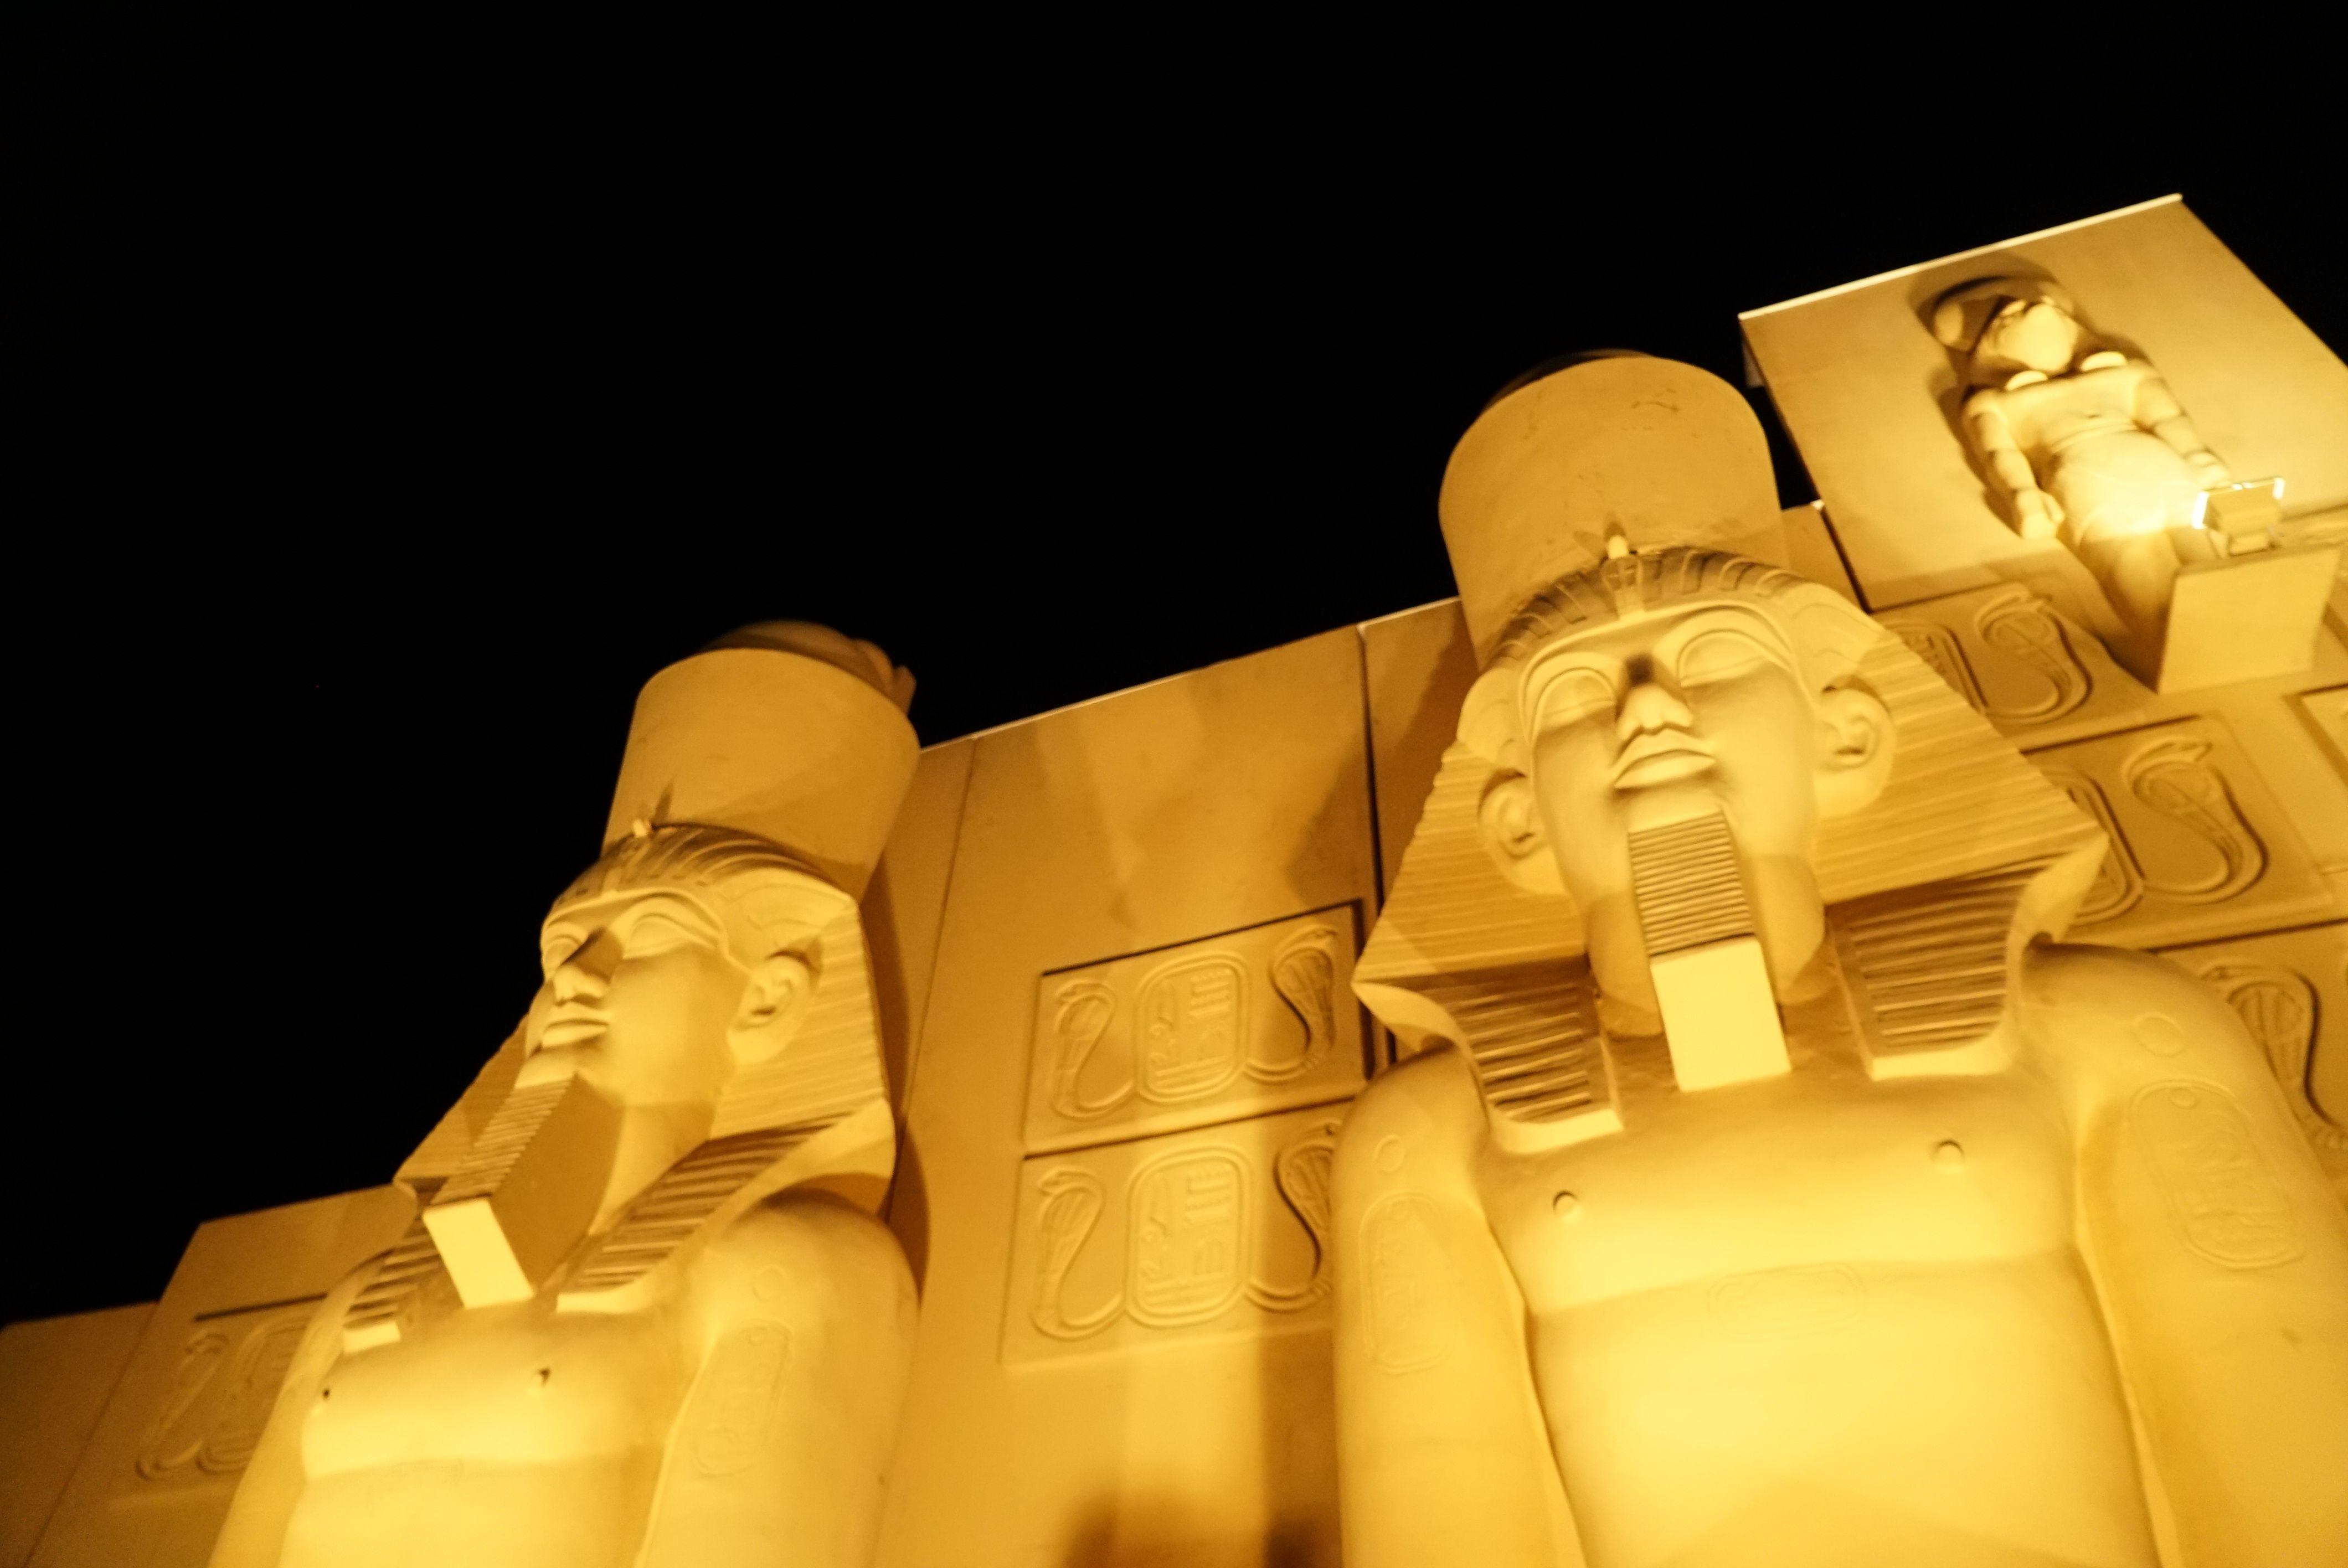 Templo del Faraón: Descubre nuestro templo de El Templo del Faraón